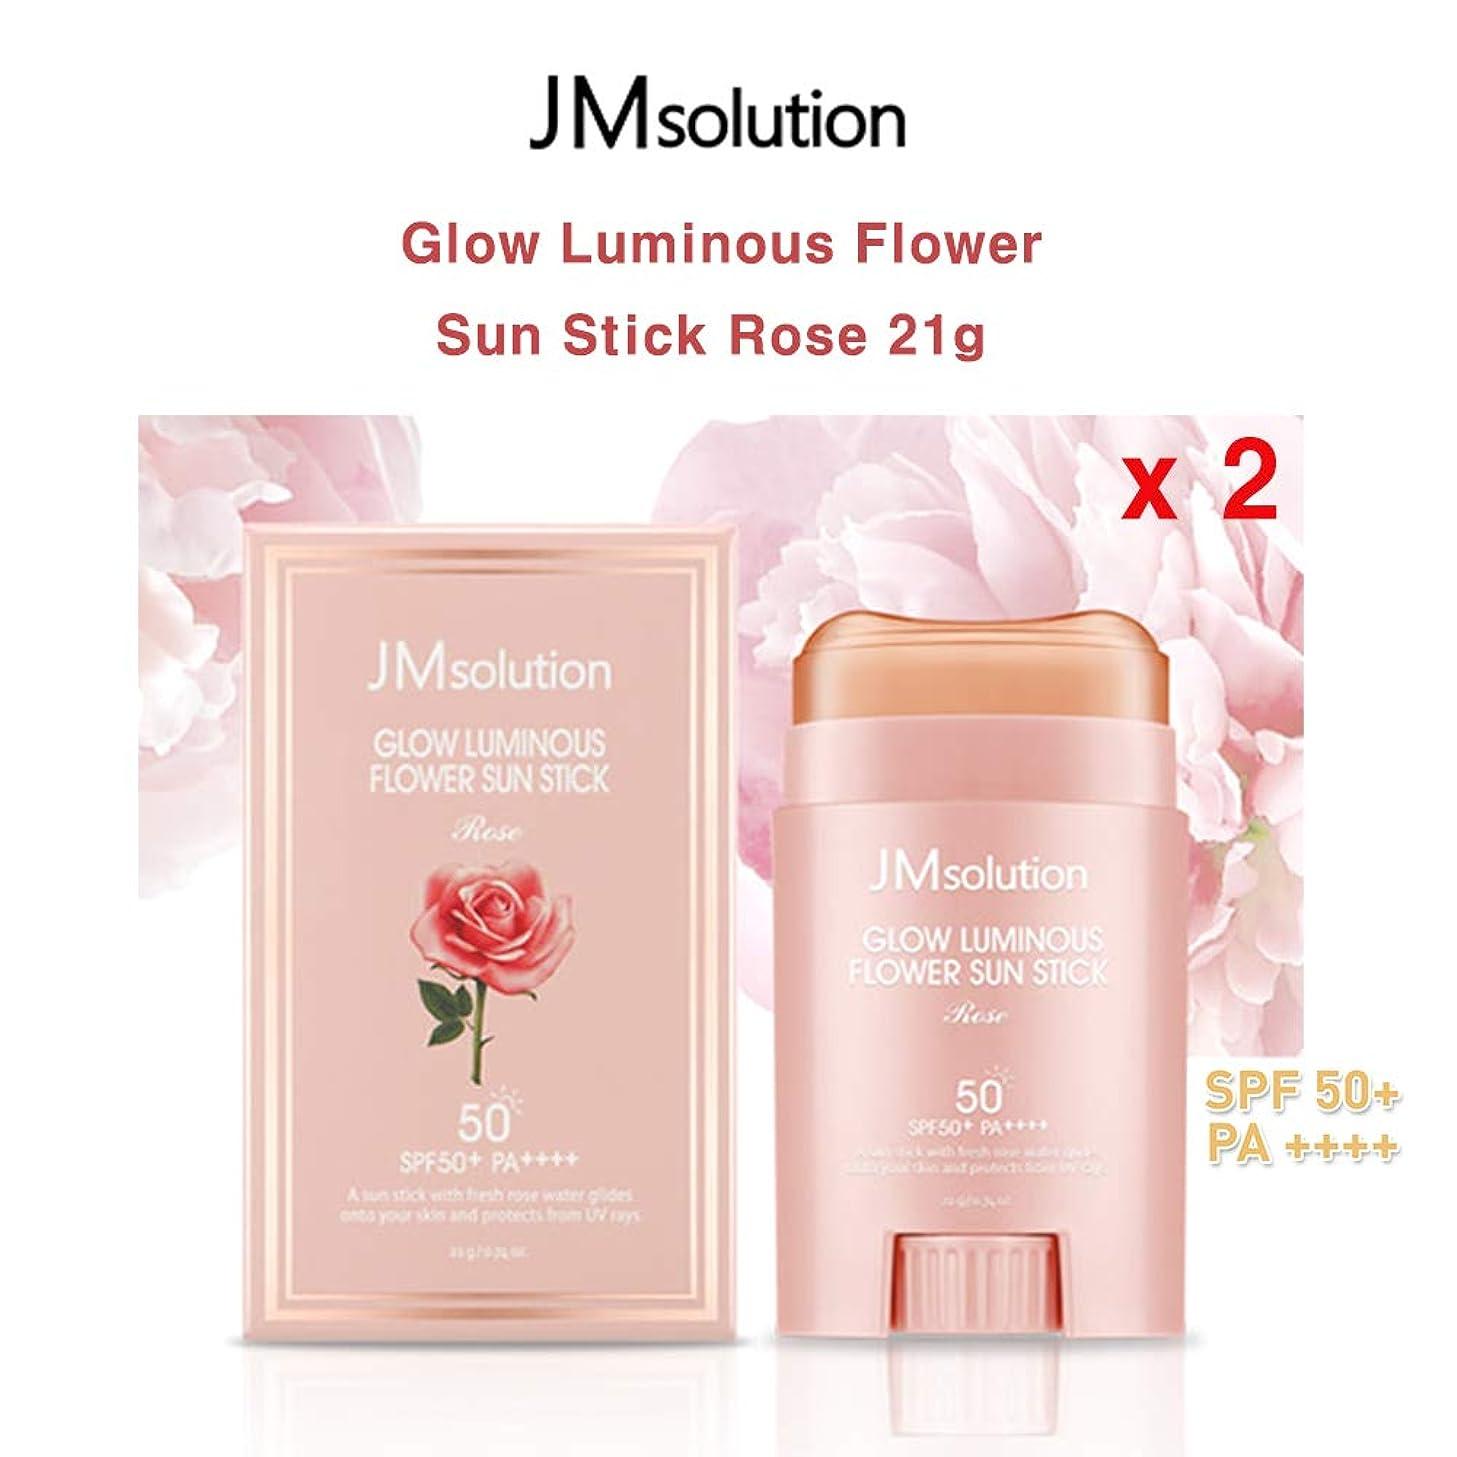 印象あたたかいライオネルグリーンストリートJM Solution ★1+1★ Glow Luminous Flower Sun Stick Rose 21g (spf50 PA) 光る輝く花Sun Stick Rose